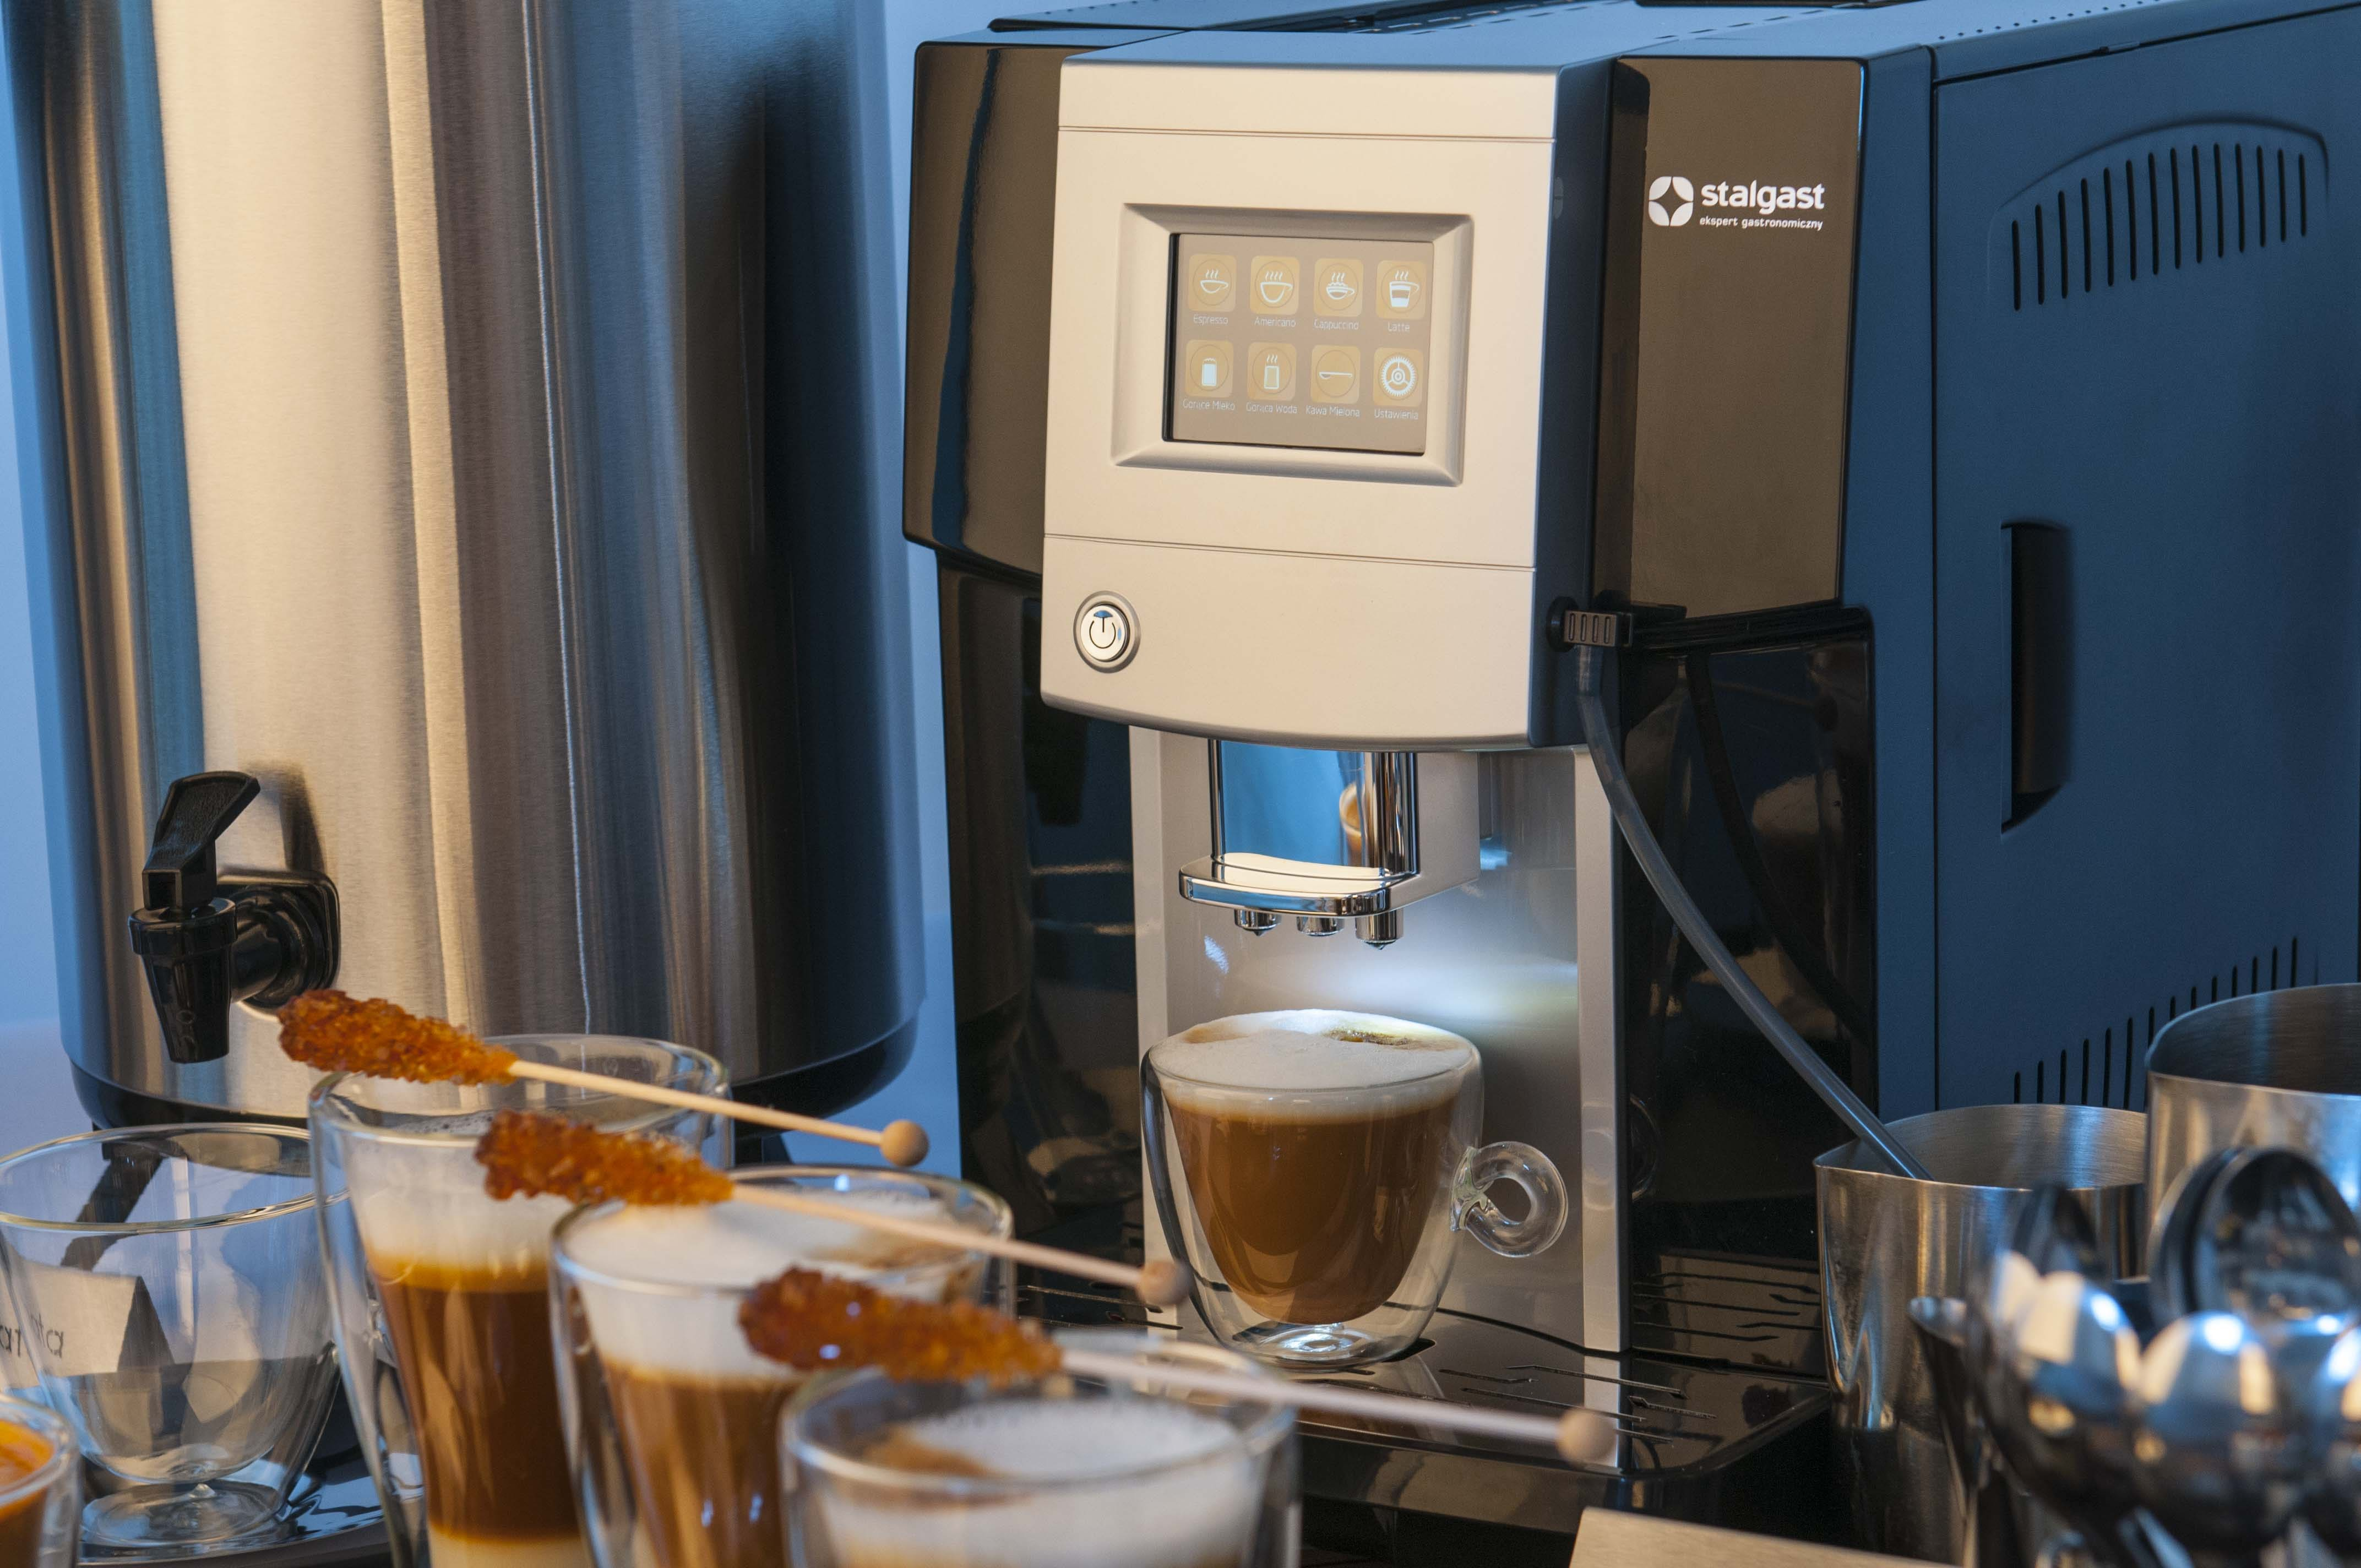 kawy z automatycznego ekspresu z dotykowym wyświetlaczem